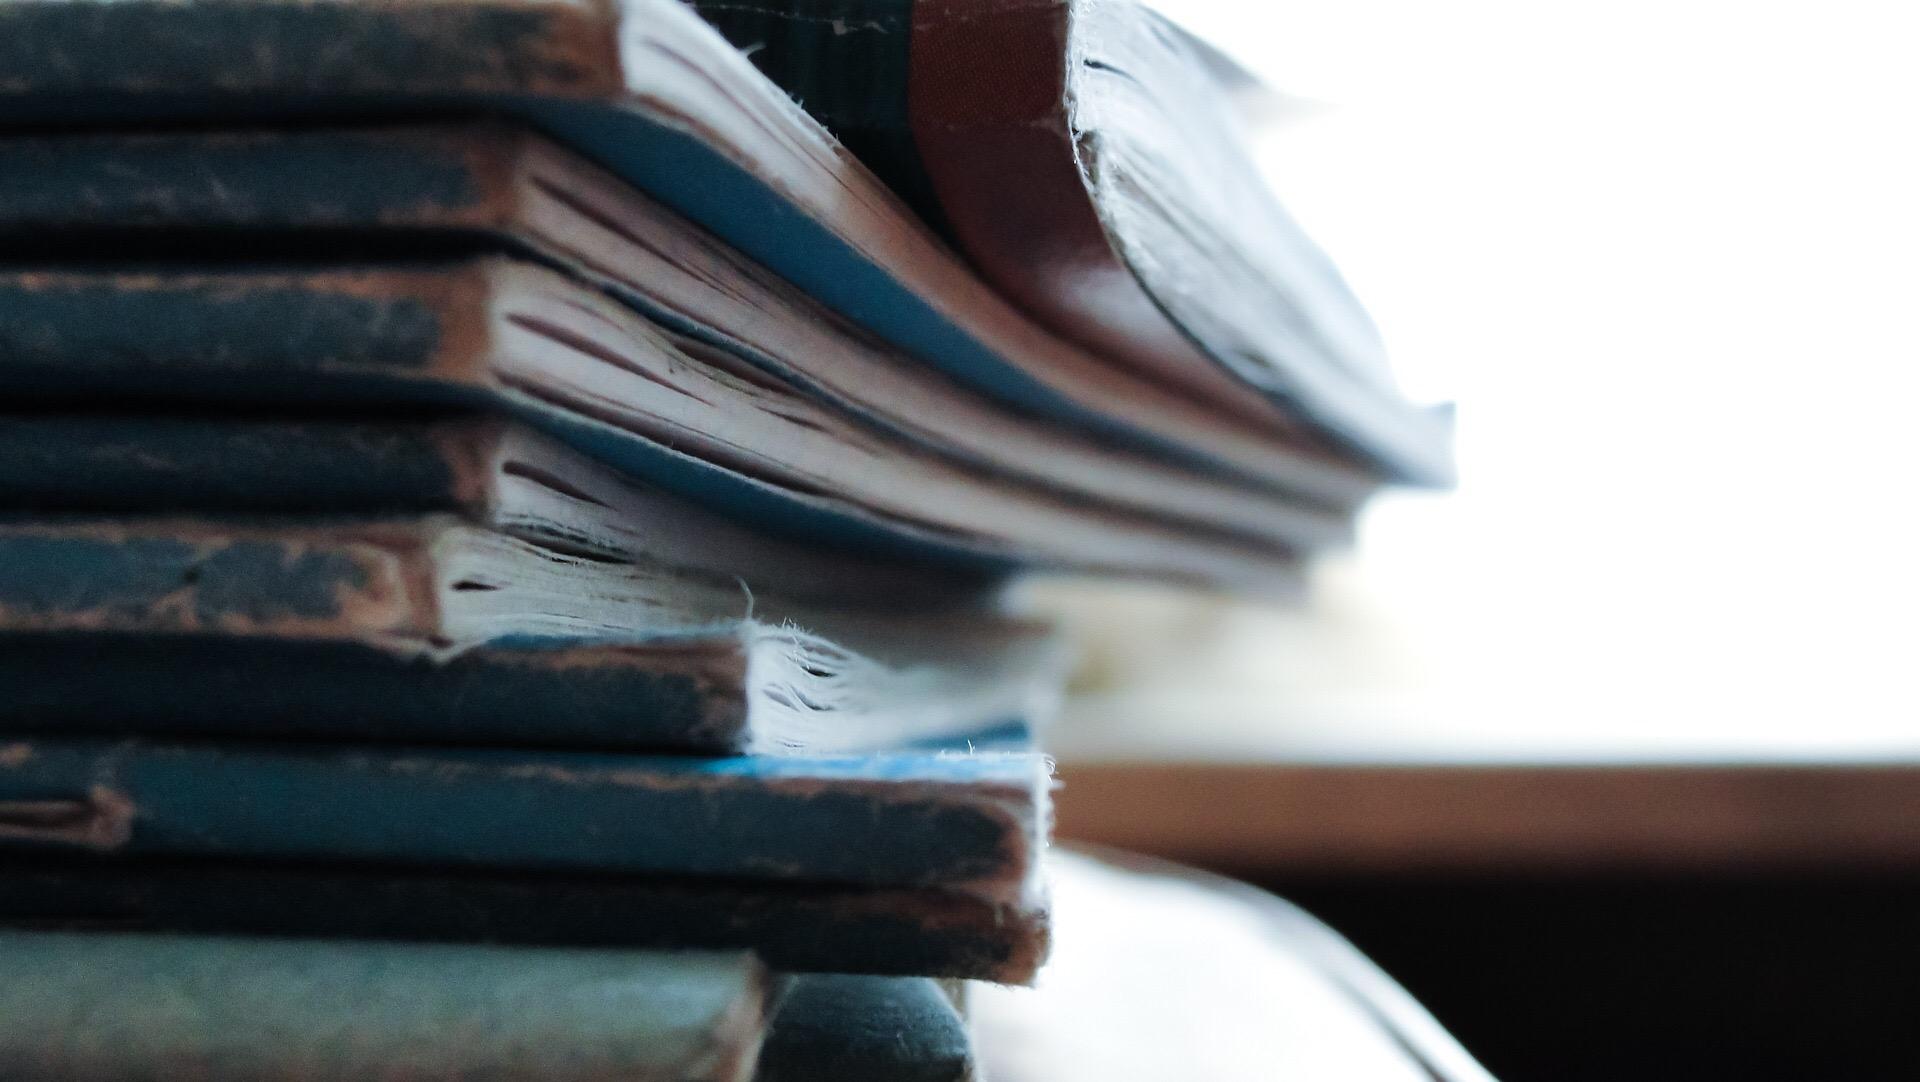 公認会計士試験に独学で受かることは可能か